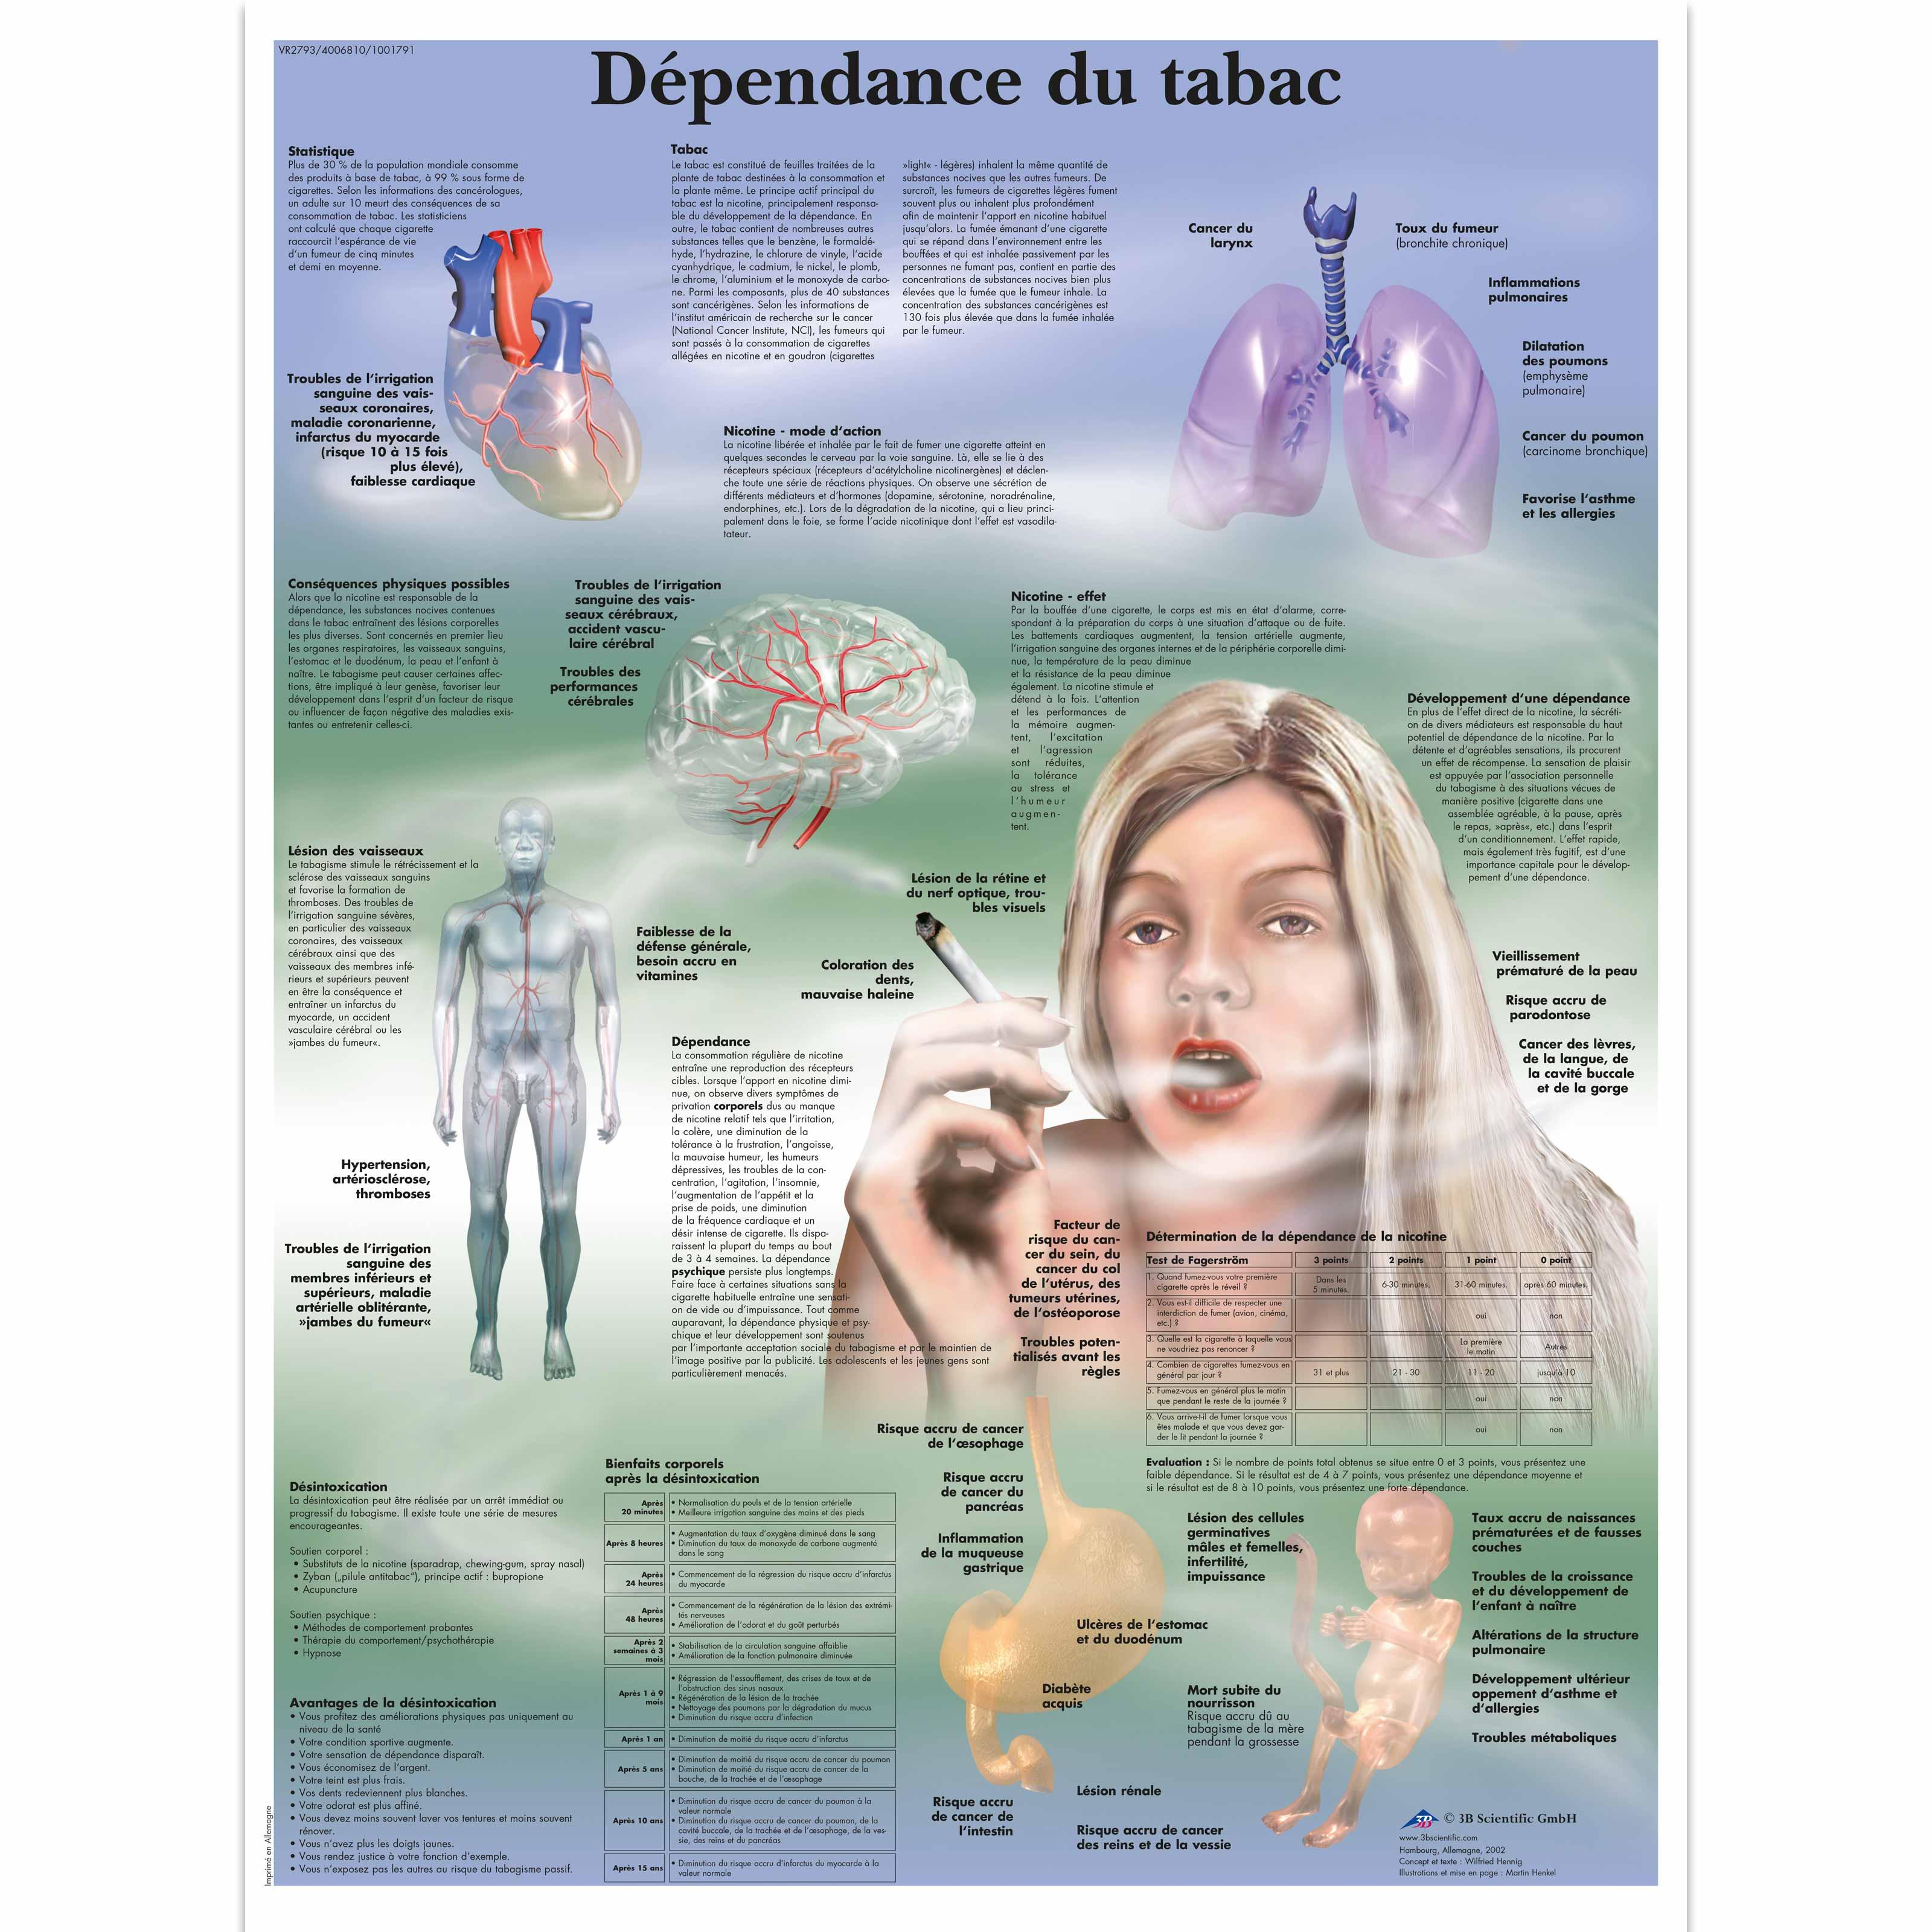 Dépendance du tabac - 4006810 - VR2793UU - Éducation Tabac